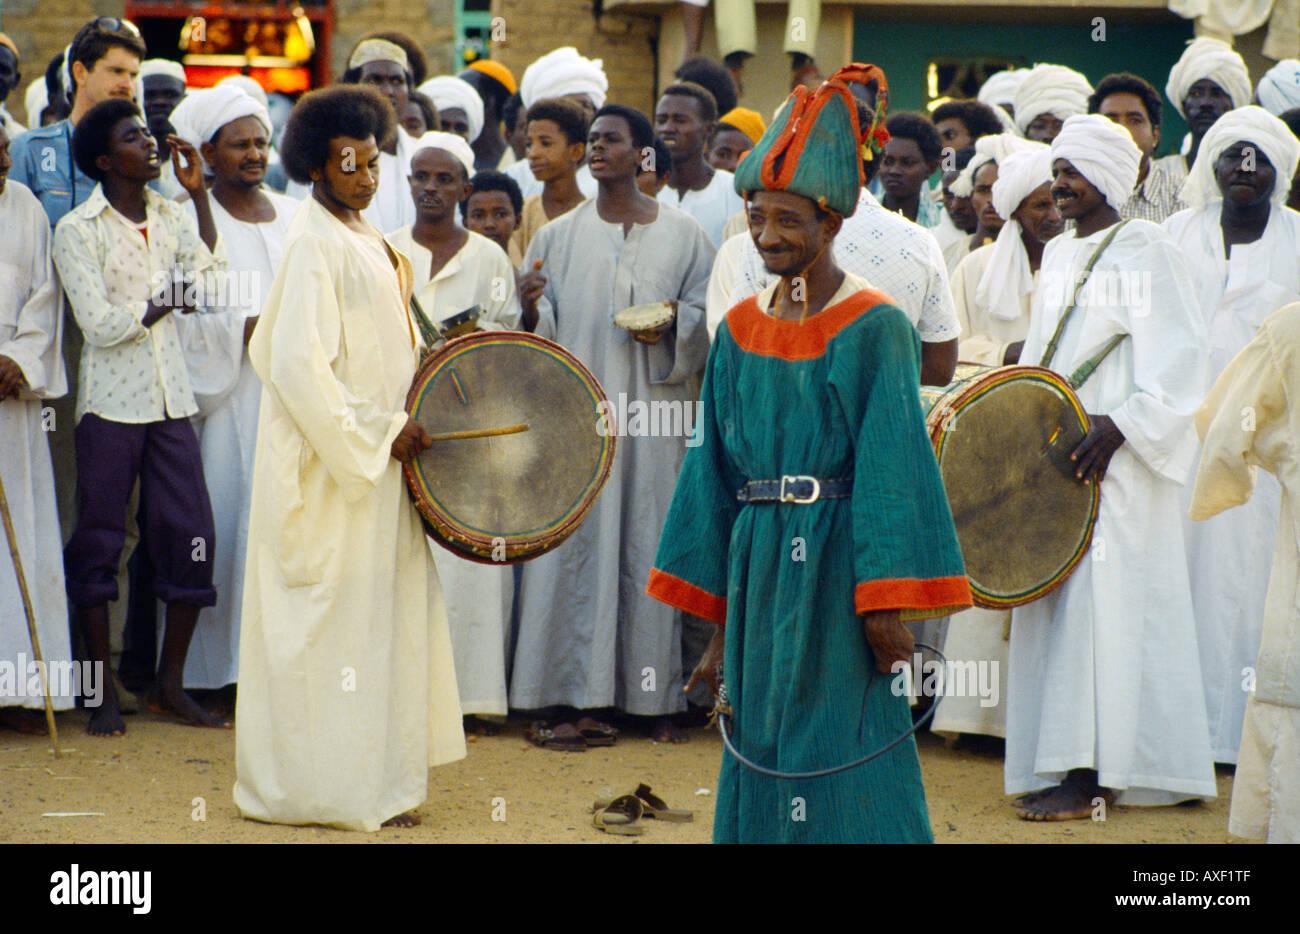 Omdurman Sudan Dervish Dancers Sufi Disabled Muslim Dancing - Stock Image